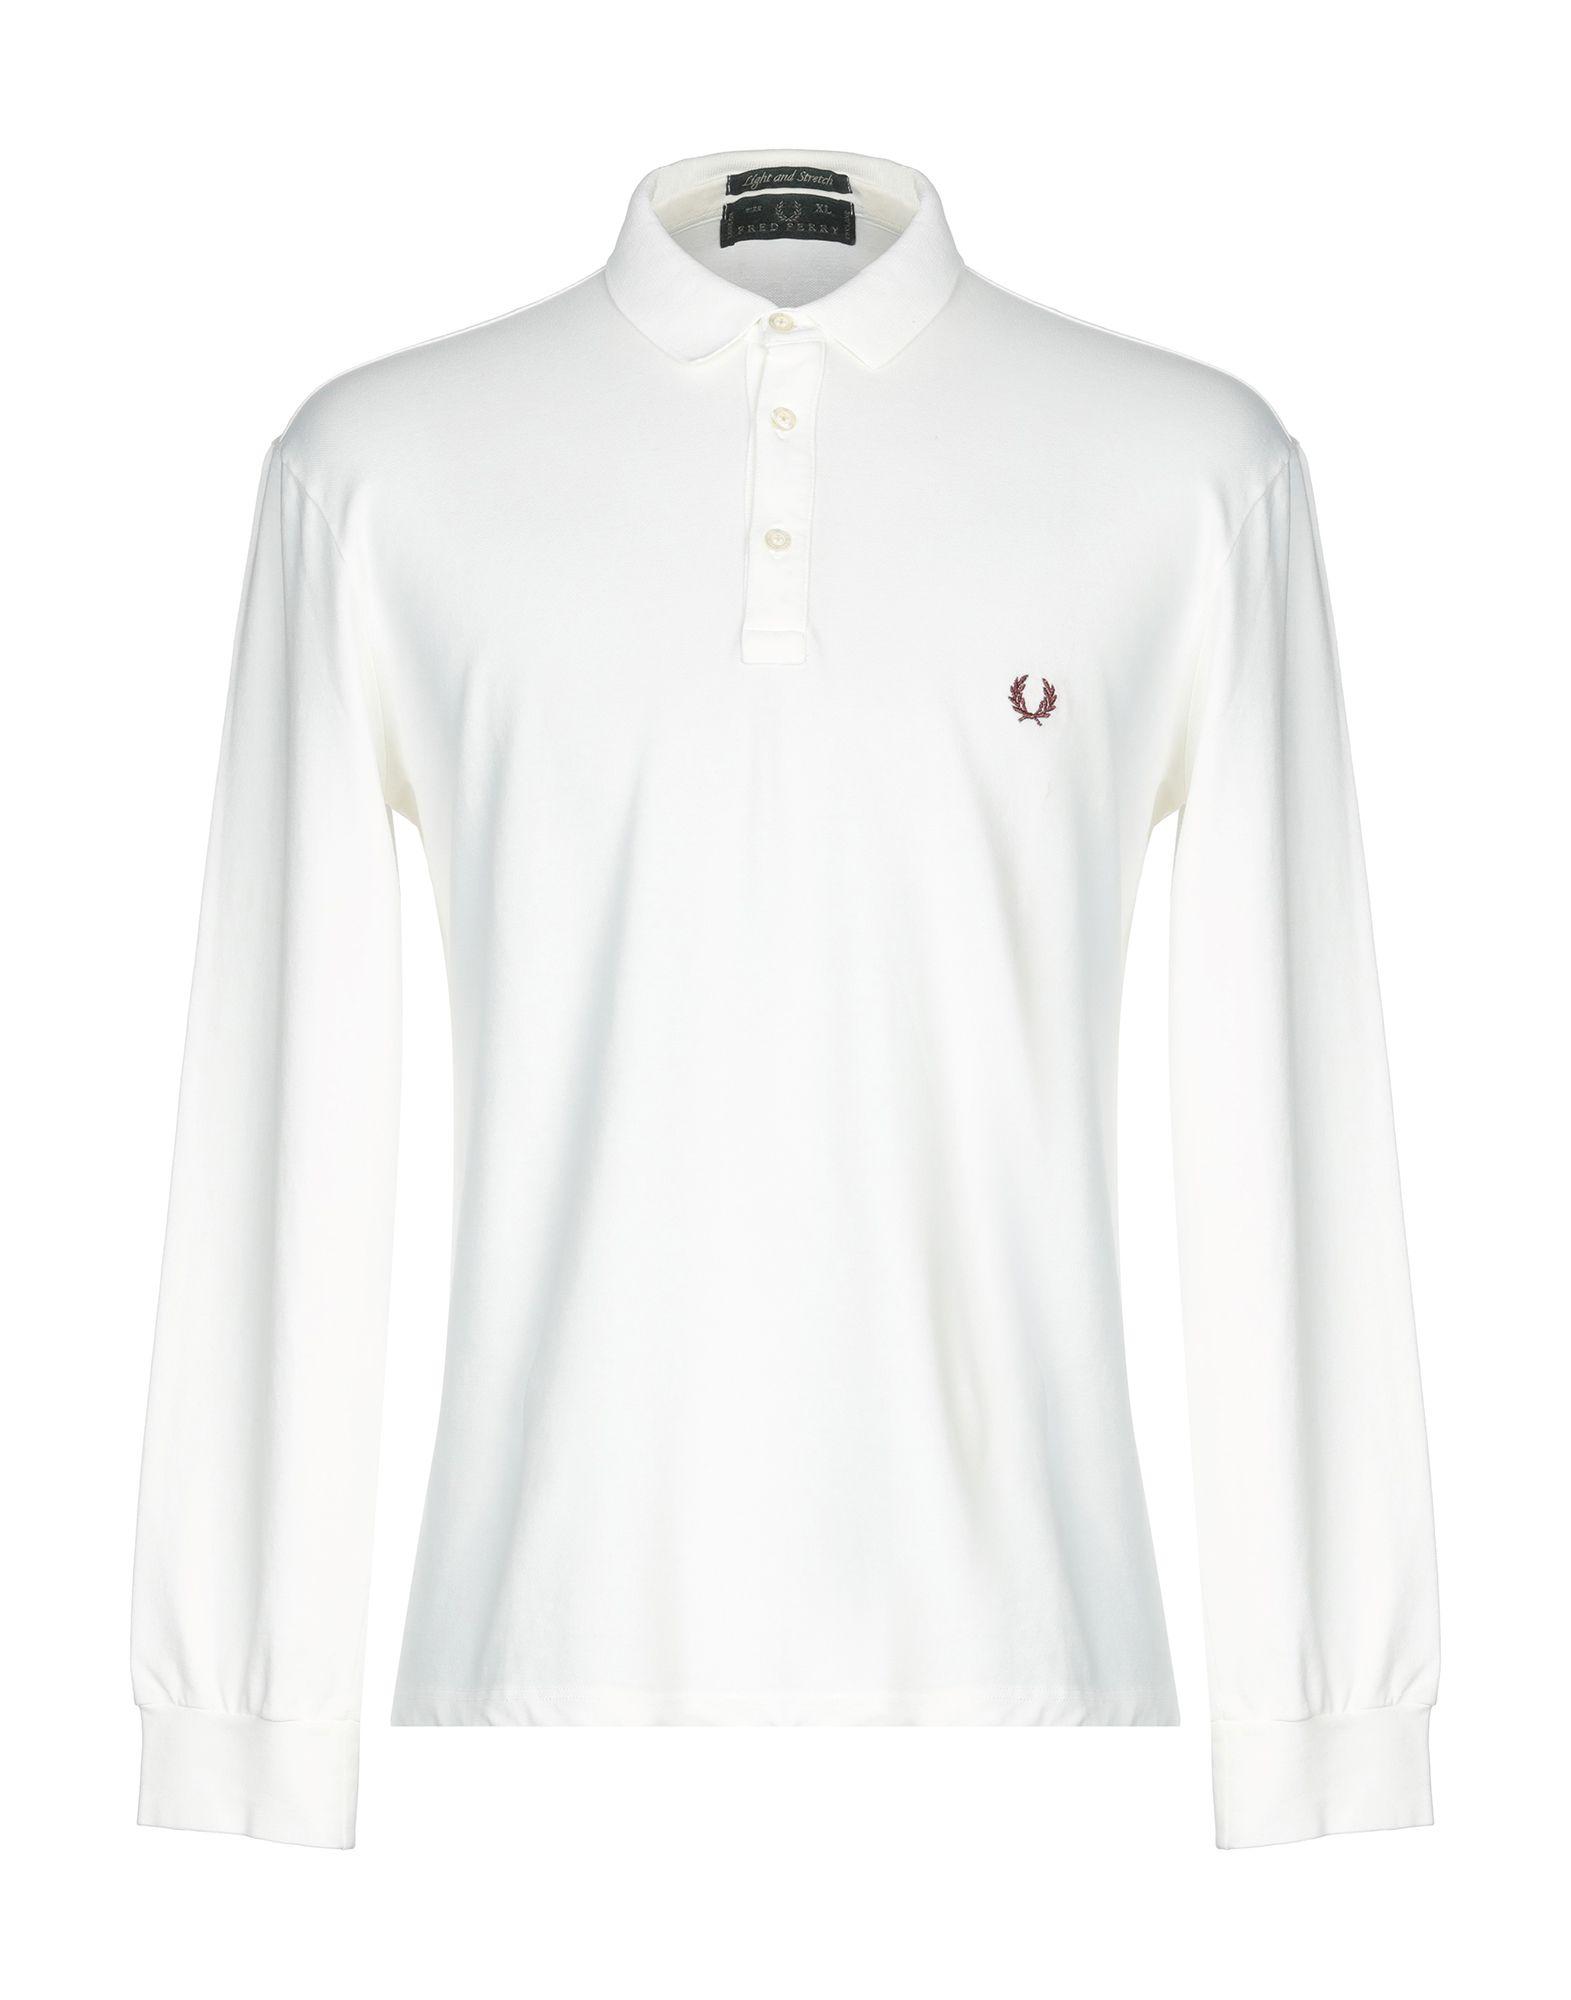 world's best polo shirt